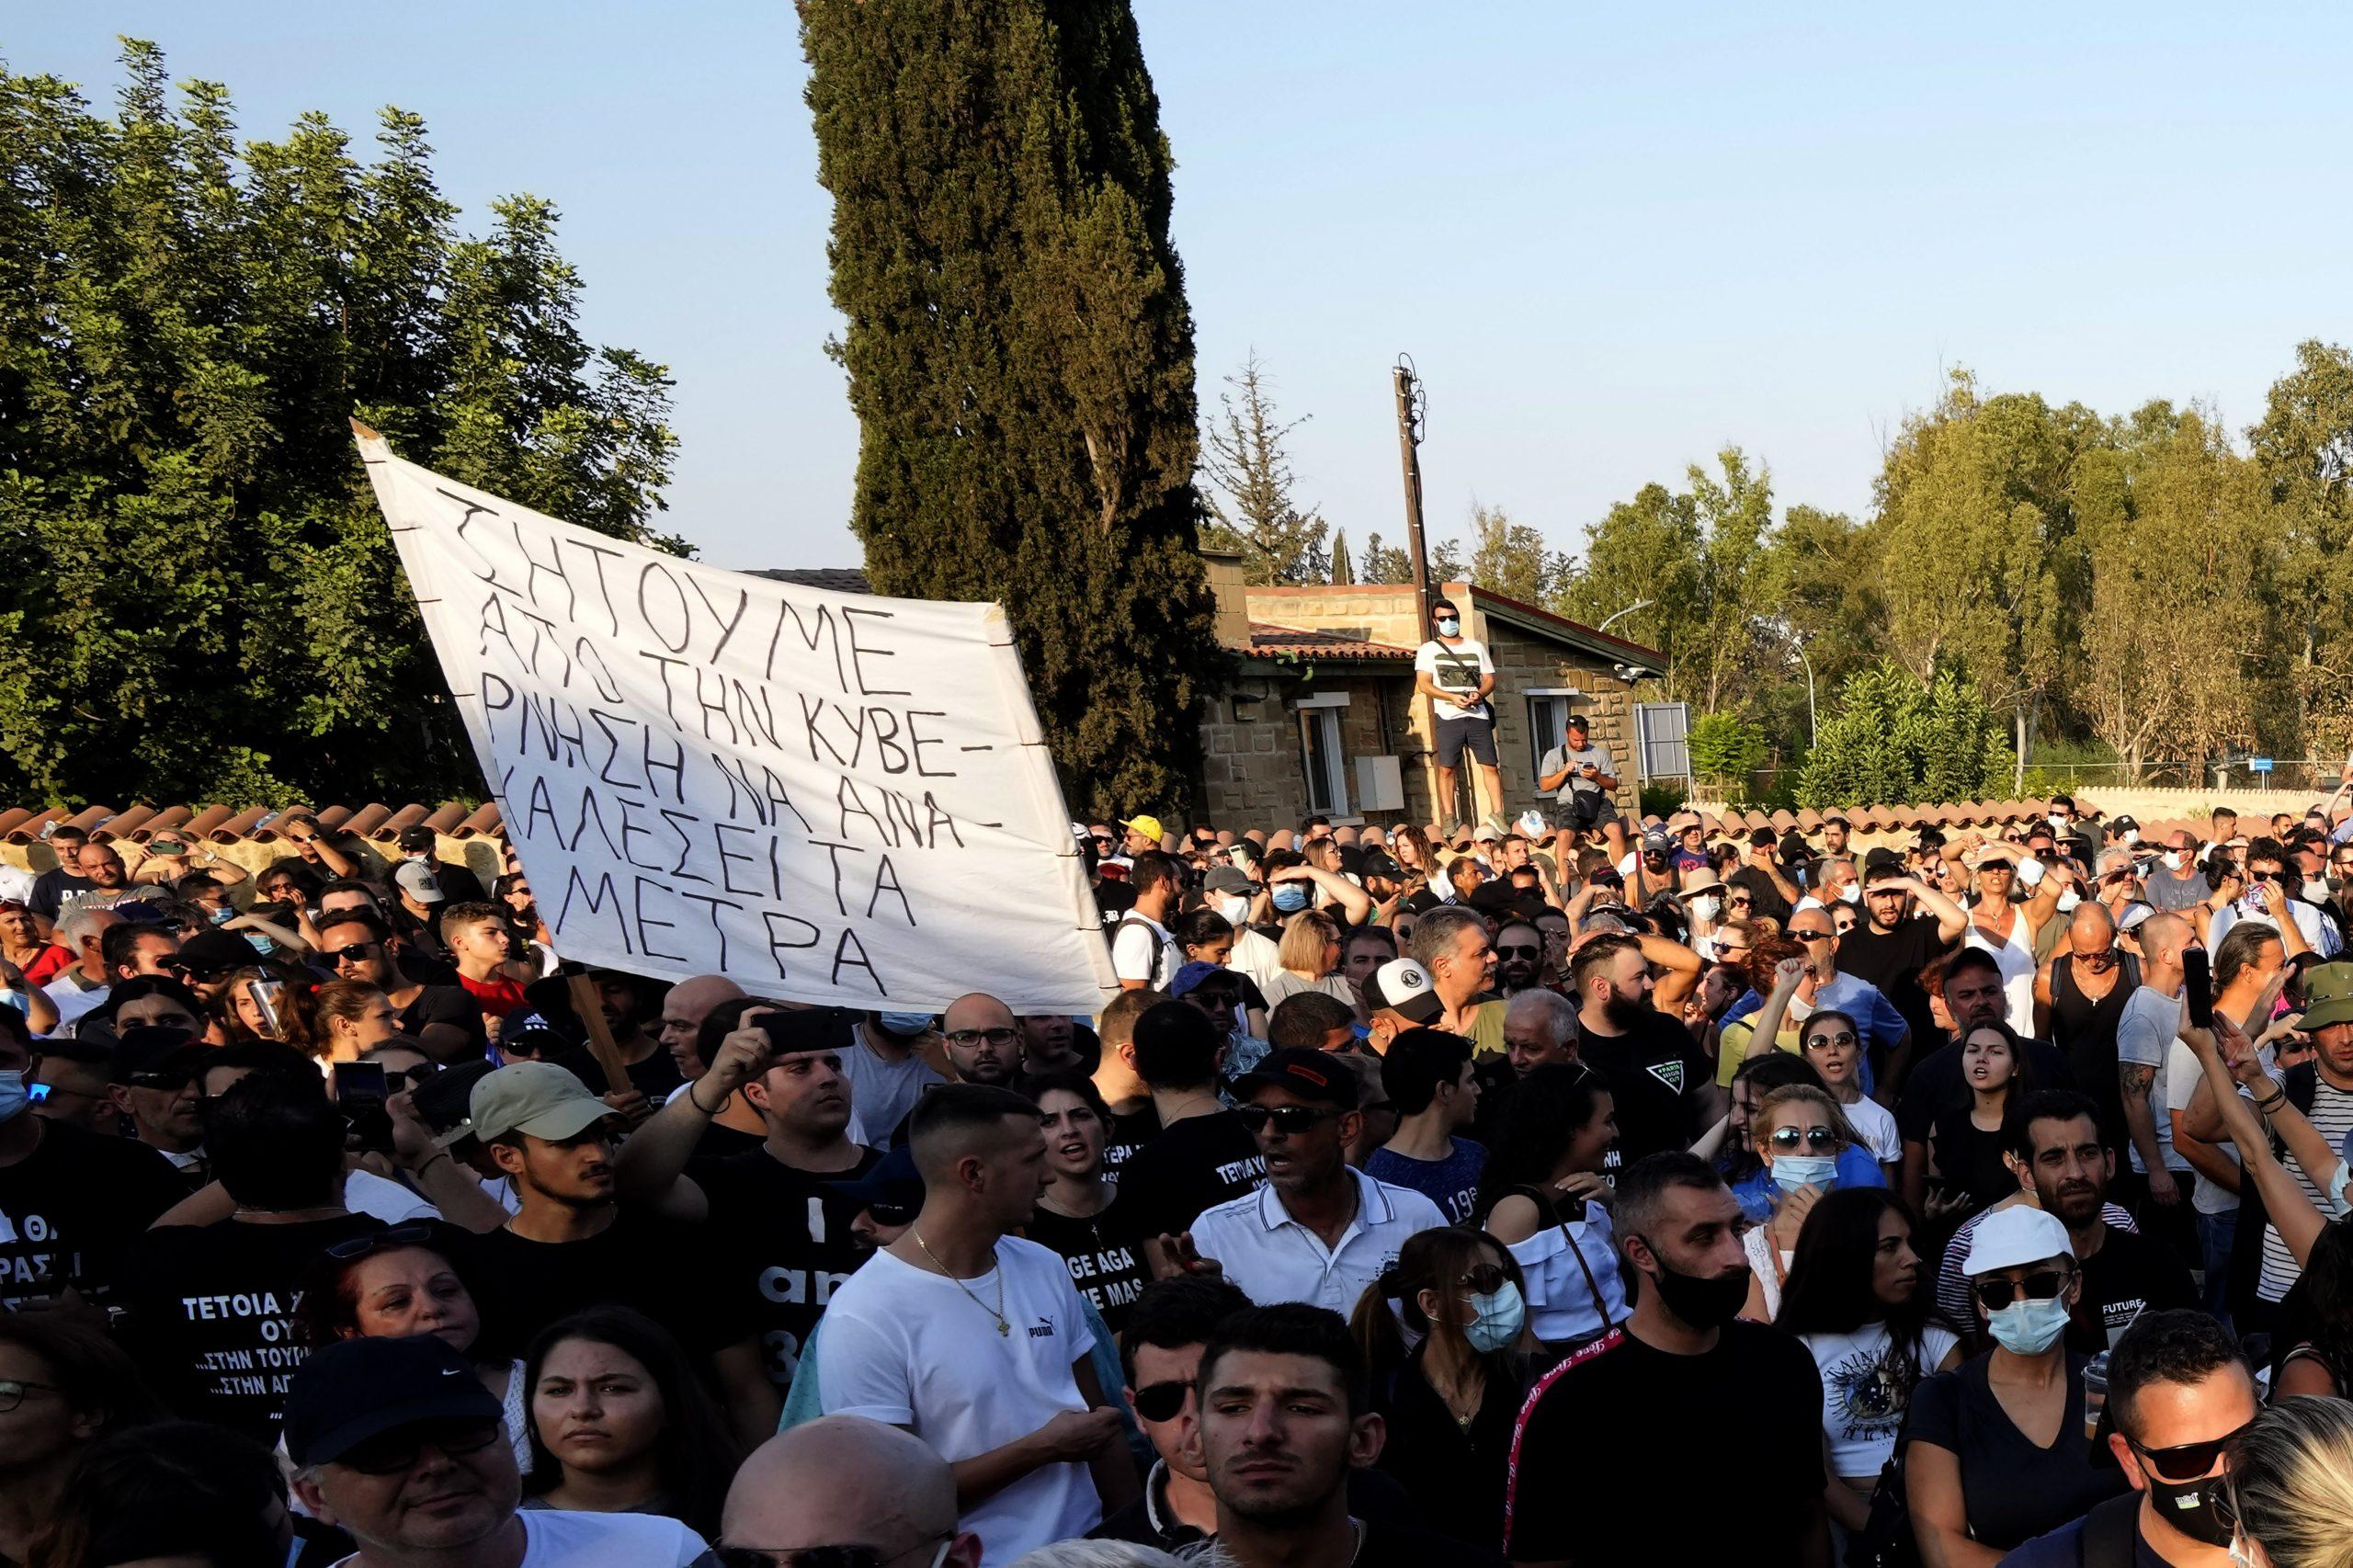 """Demonstranten halten ein Transparent, auf dem auf Griechisch steht: """"Wir fordern die Regierung auf, die Maßnahmen zurückzunehmen"""", während eines Protests gegen die Corona-Maßnahmen der Regierung vor dem Präsidentenpalast."""